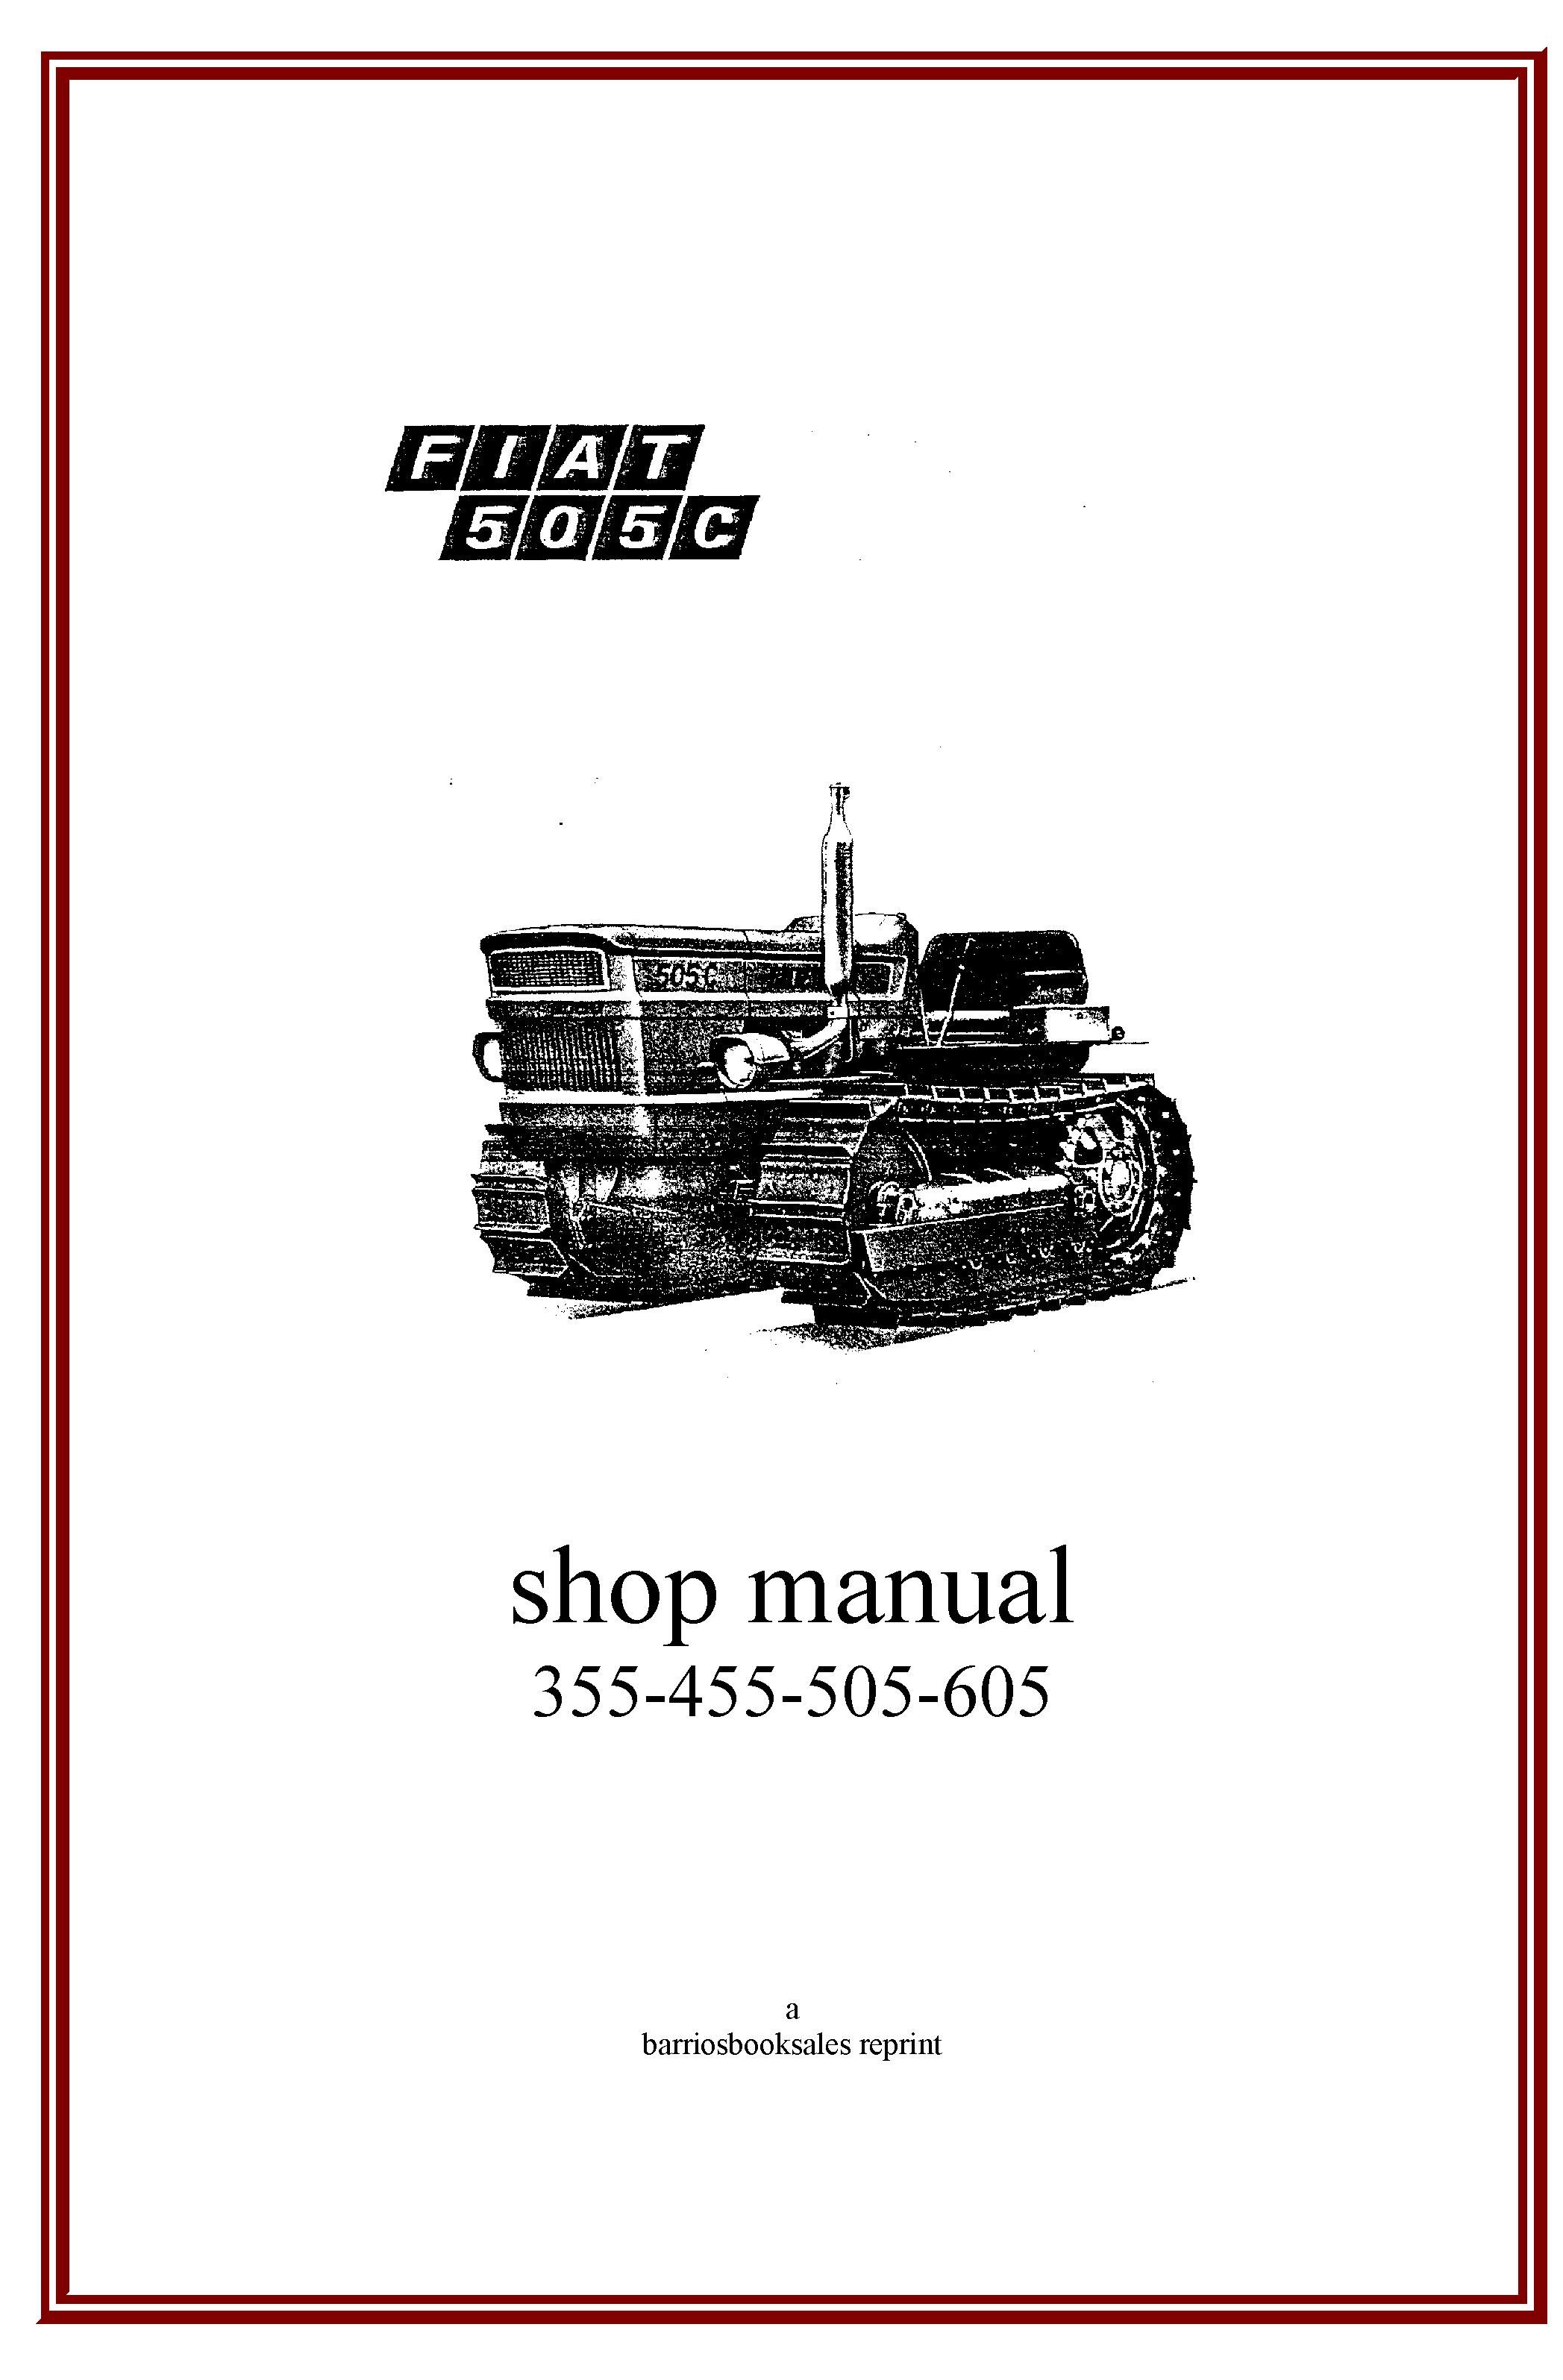 Fiat, Tractors, Manual, Workshop, Atelier, Workshop Studio, Work Shop  Garage, Tractor, User Guide